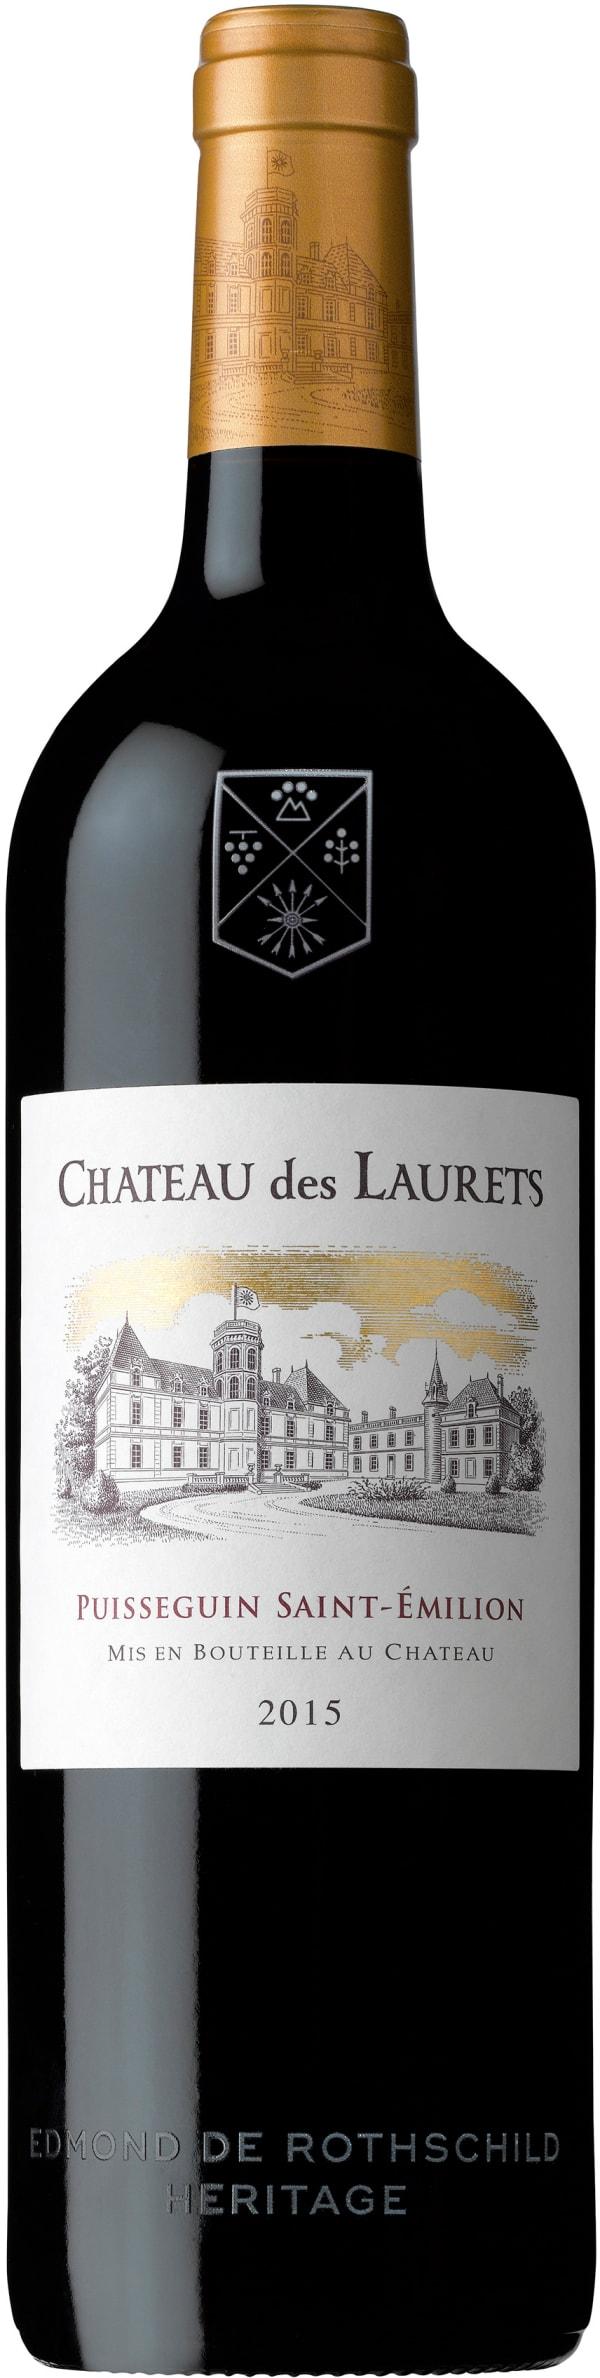 Chateau Des Laurets 2015